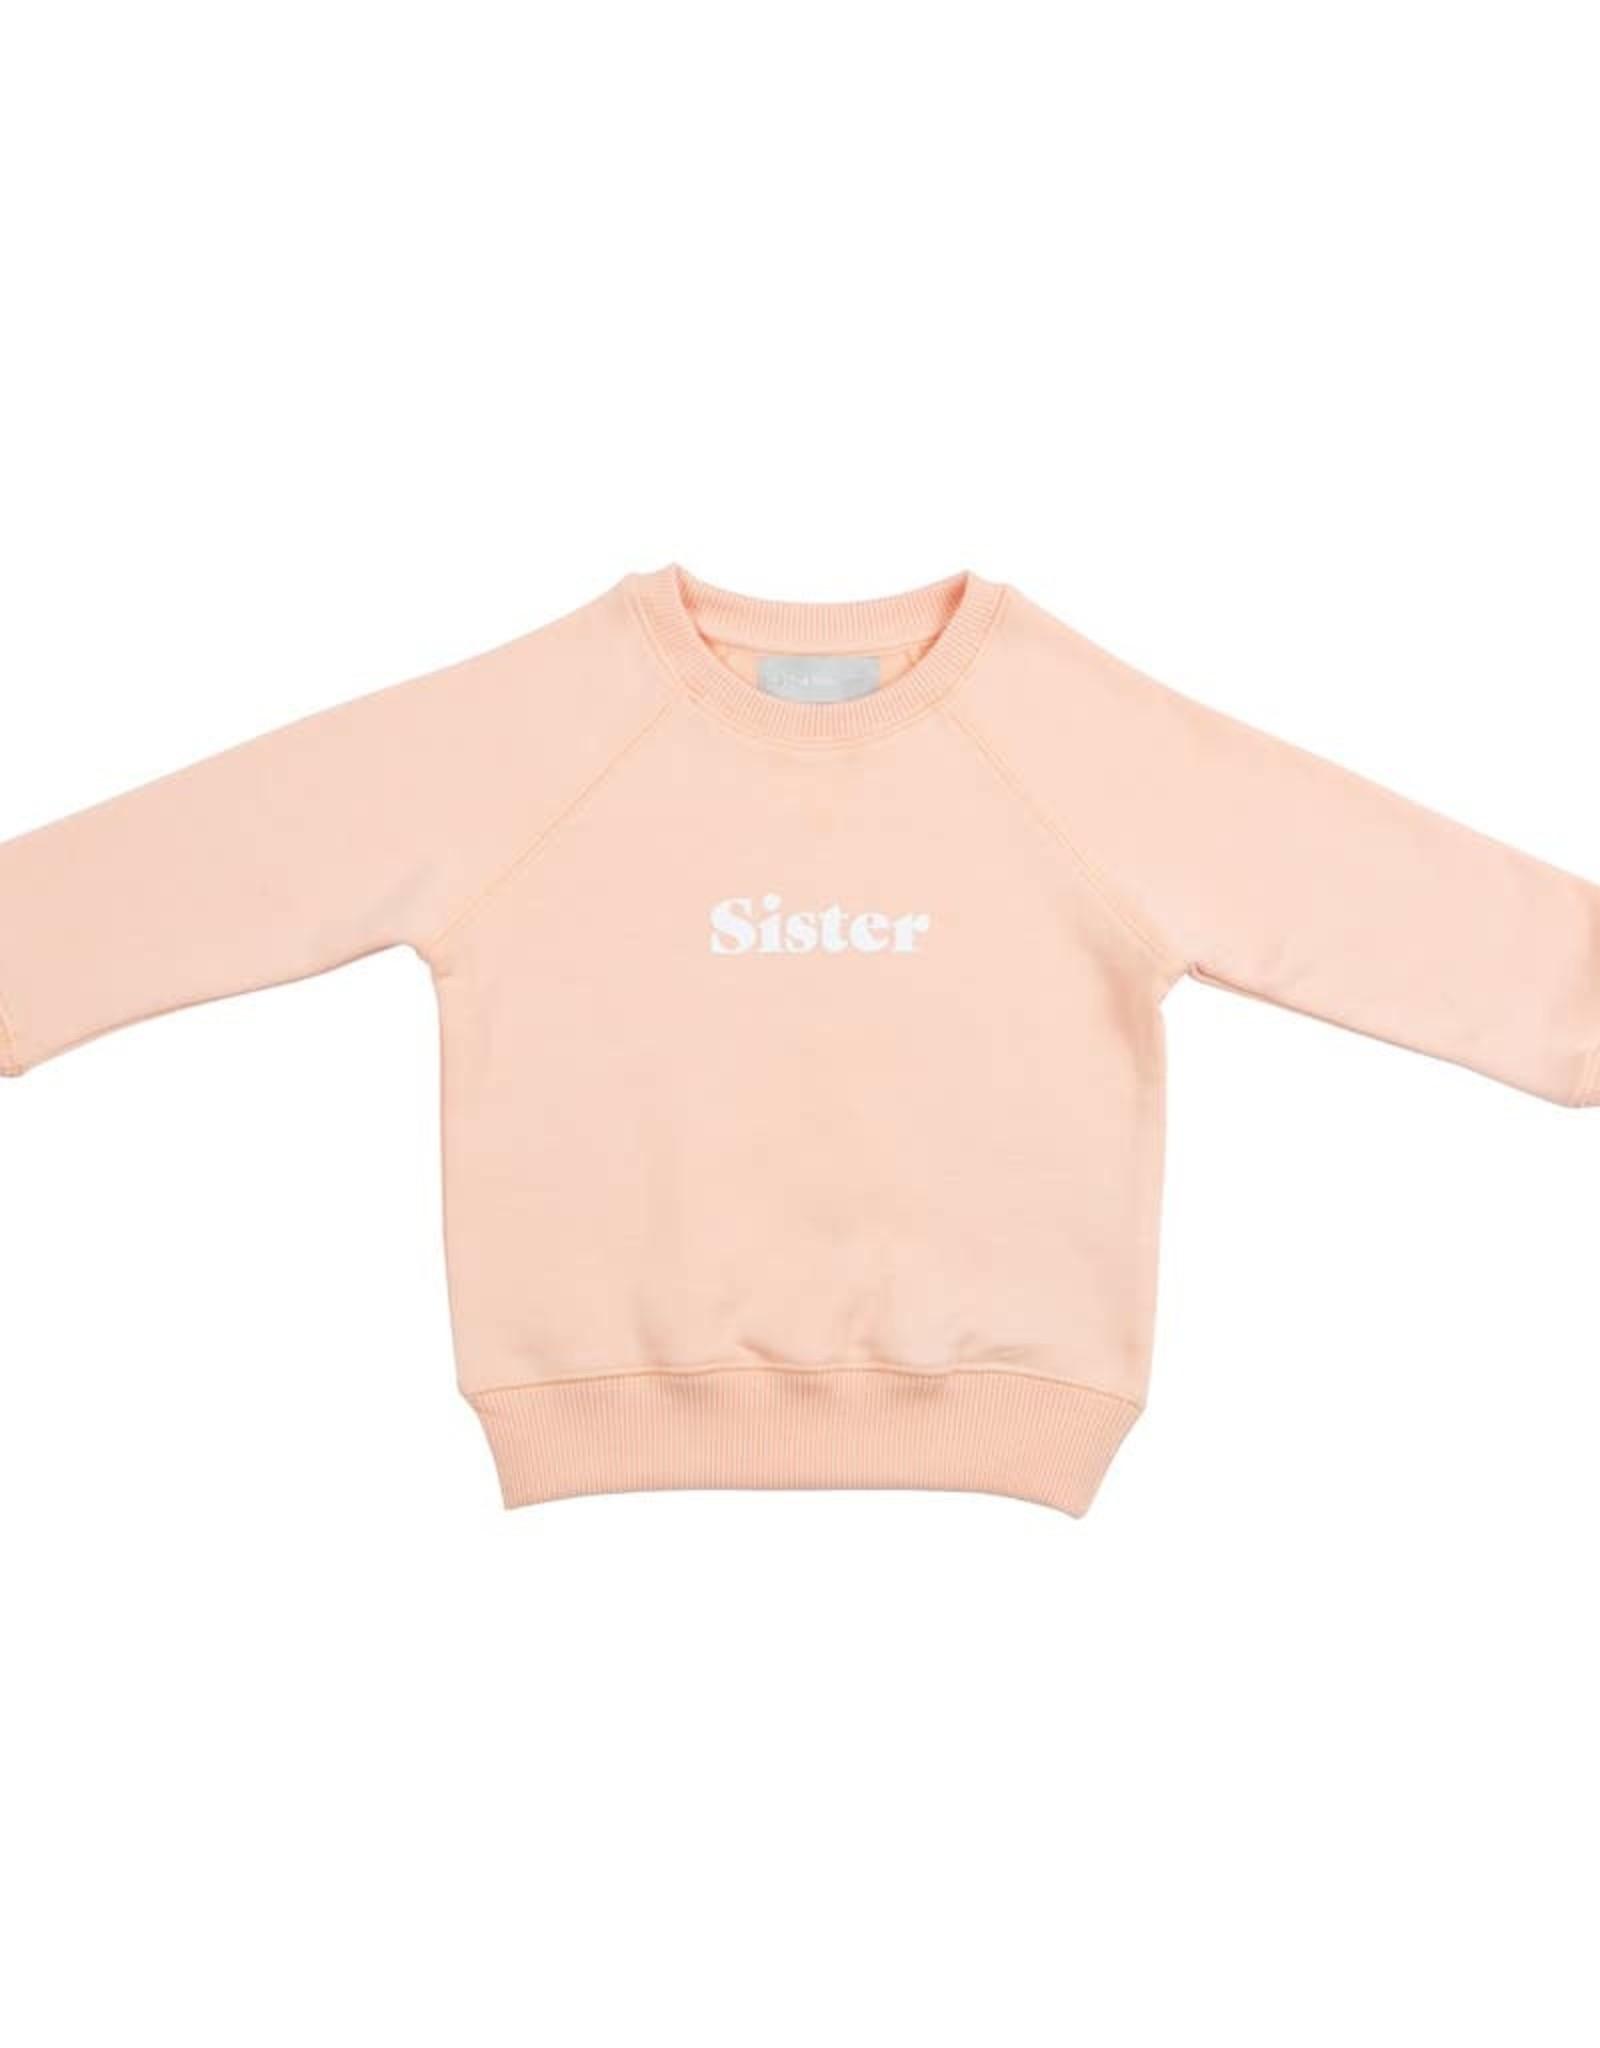 Bob & blossom Peach  Sister Sweatshirt